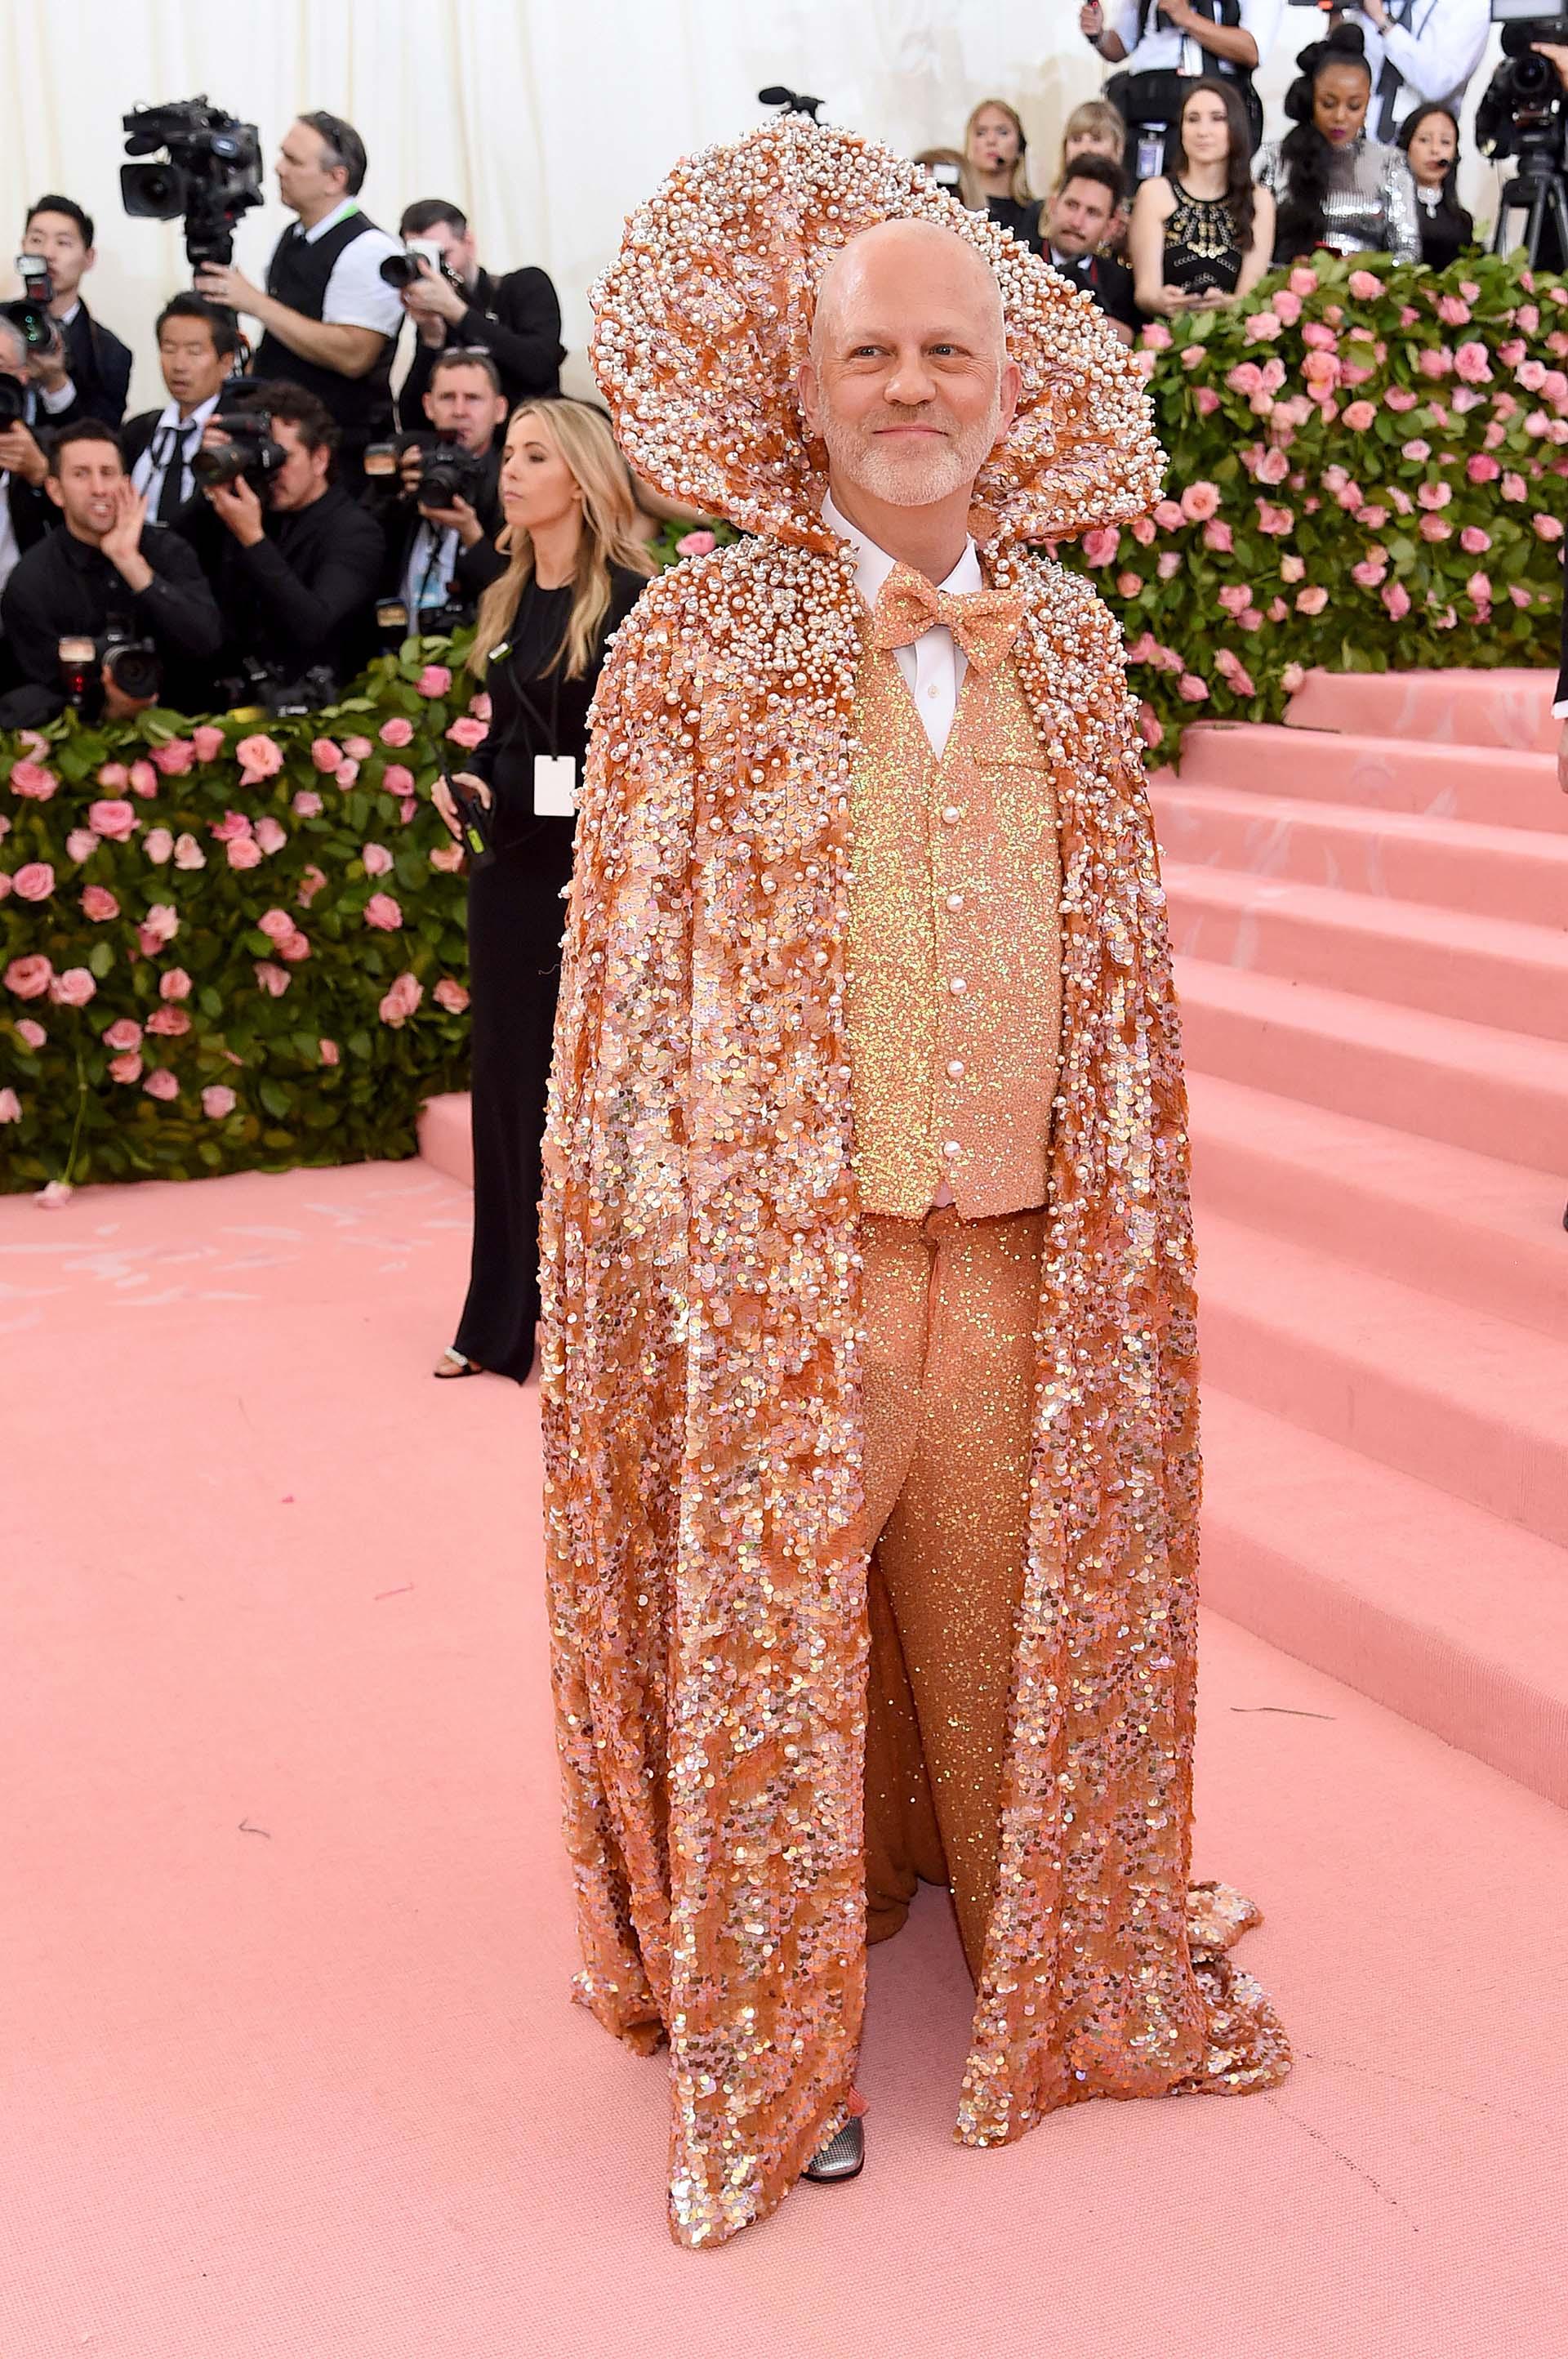 Ryan Murphy apostó quizás por uno de los looks más camp de la MET gala: con un traje con brillos y una capa estilo Drácula con perlas bordadas